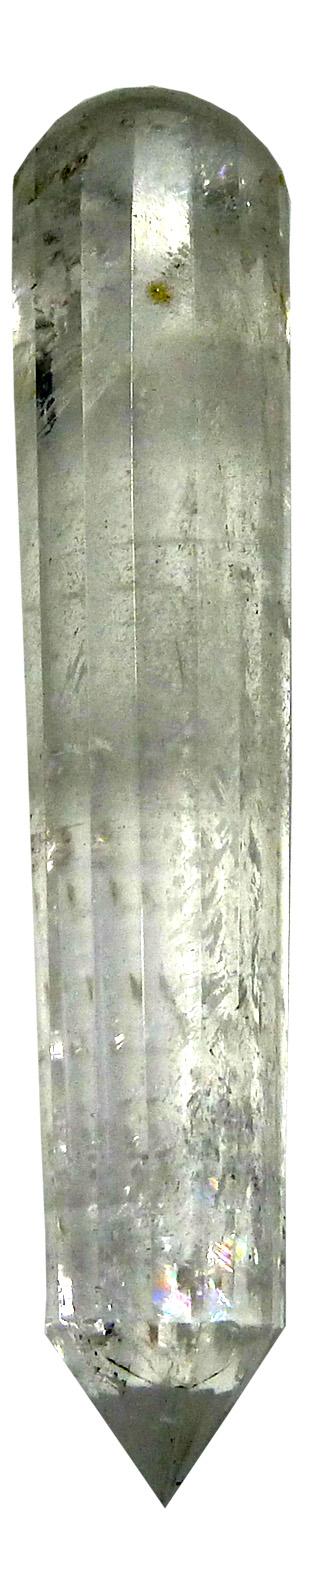 Pointe de massage Cristal de roche faceté 10cm